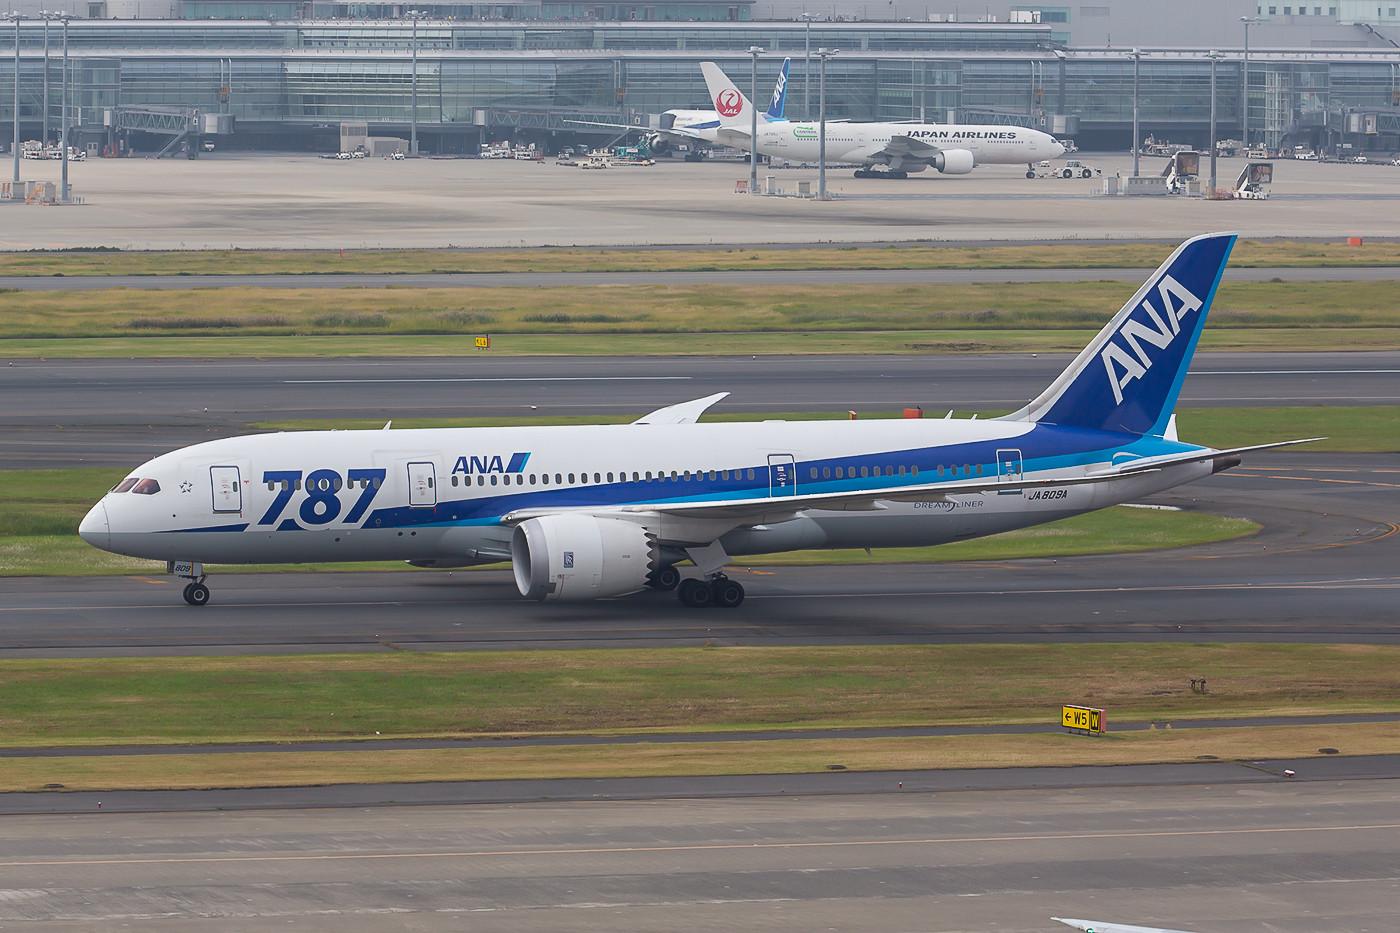 Die JA809A kommt nicht nach Europa. Sie hat eine Domestic-Bestuhlung und fliegt im Inland.